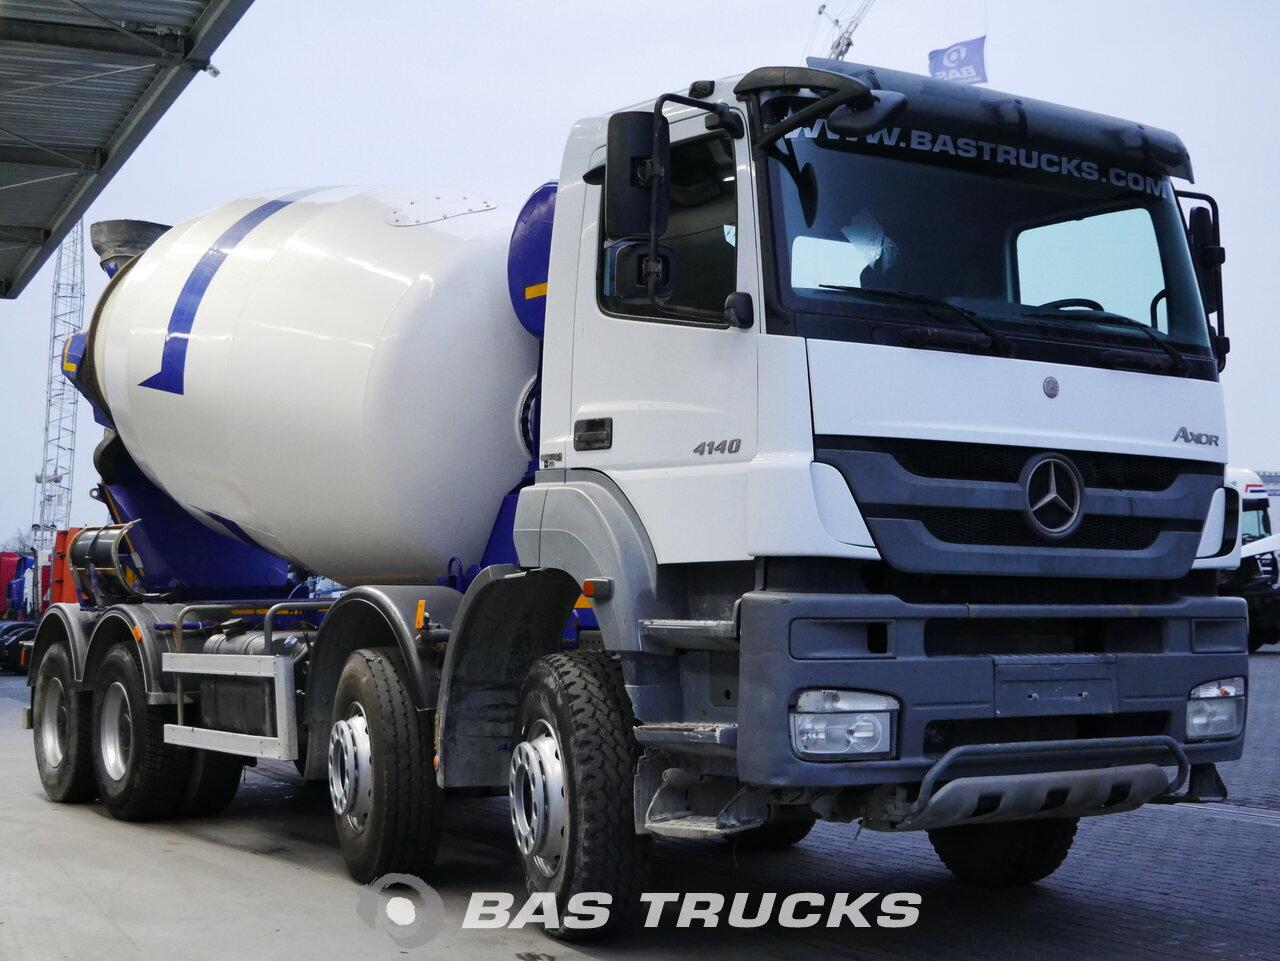 foto de Usado Camiones Mercedes Axor 4140 B 8X4 2015